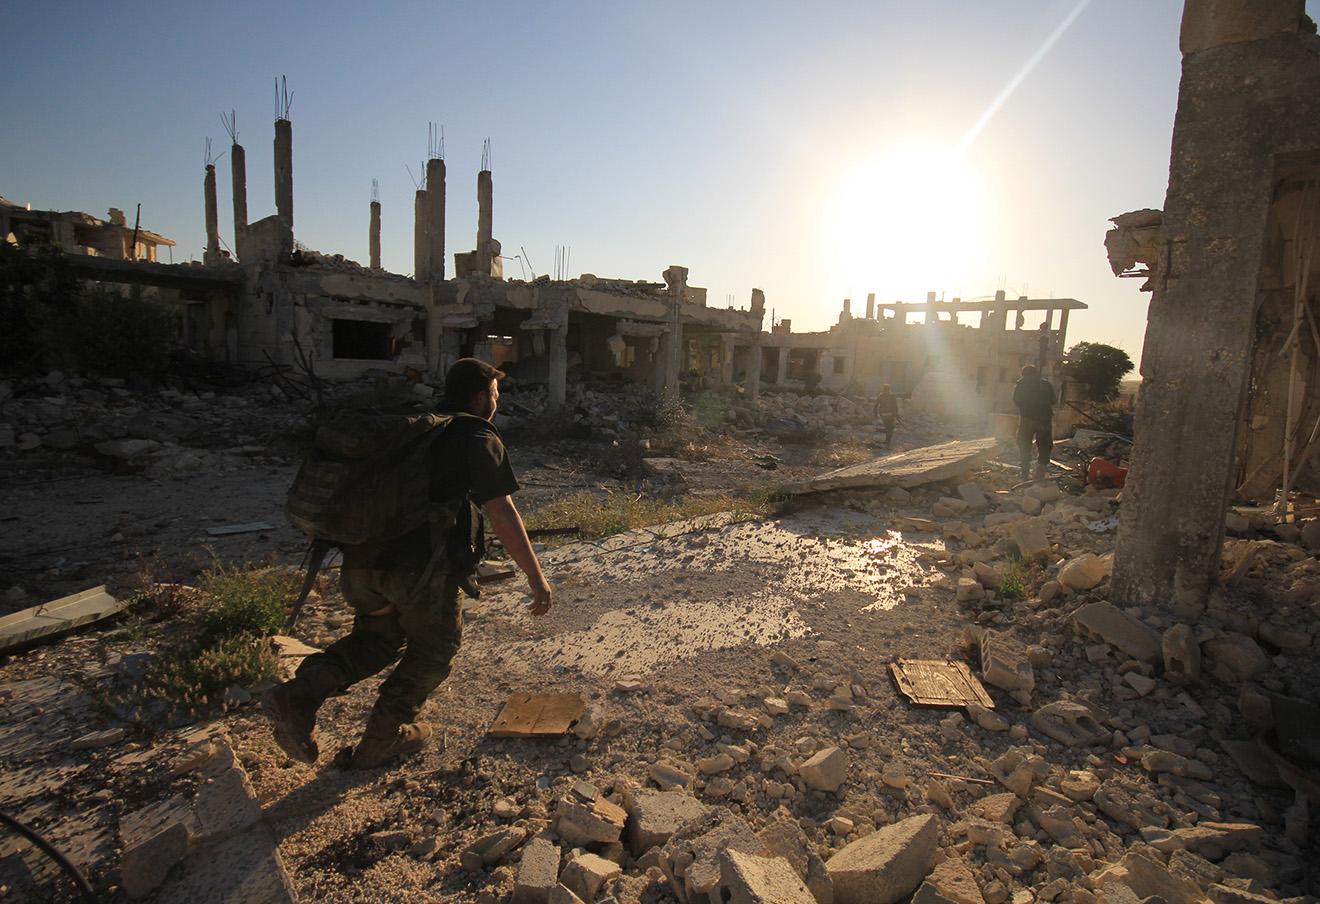 Боевые действия между повстанцами и правительственными войсками в лагере палестинских беженцев Хандарат к северу от Алеппо, 16 августа 2016 года. Фото: Louai Barakat / ТАСС